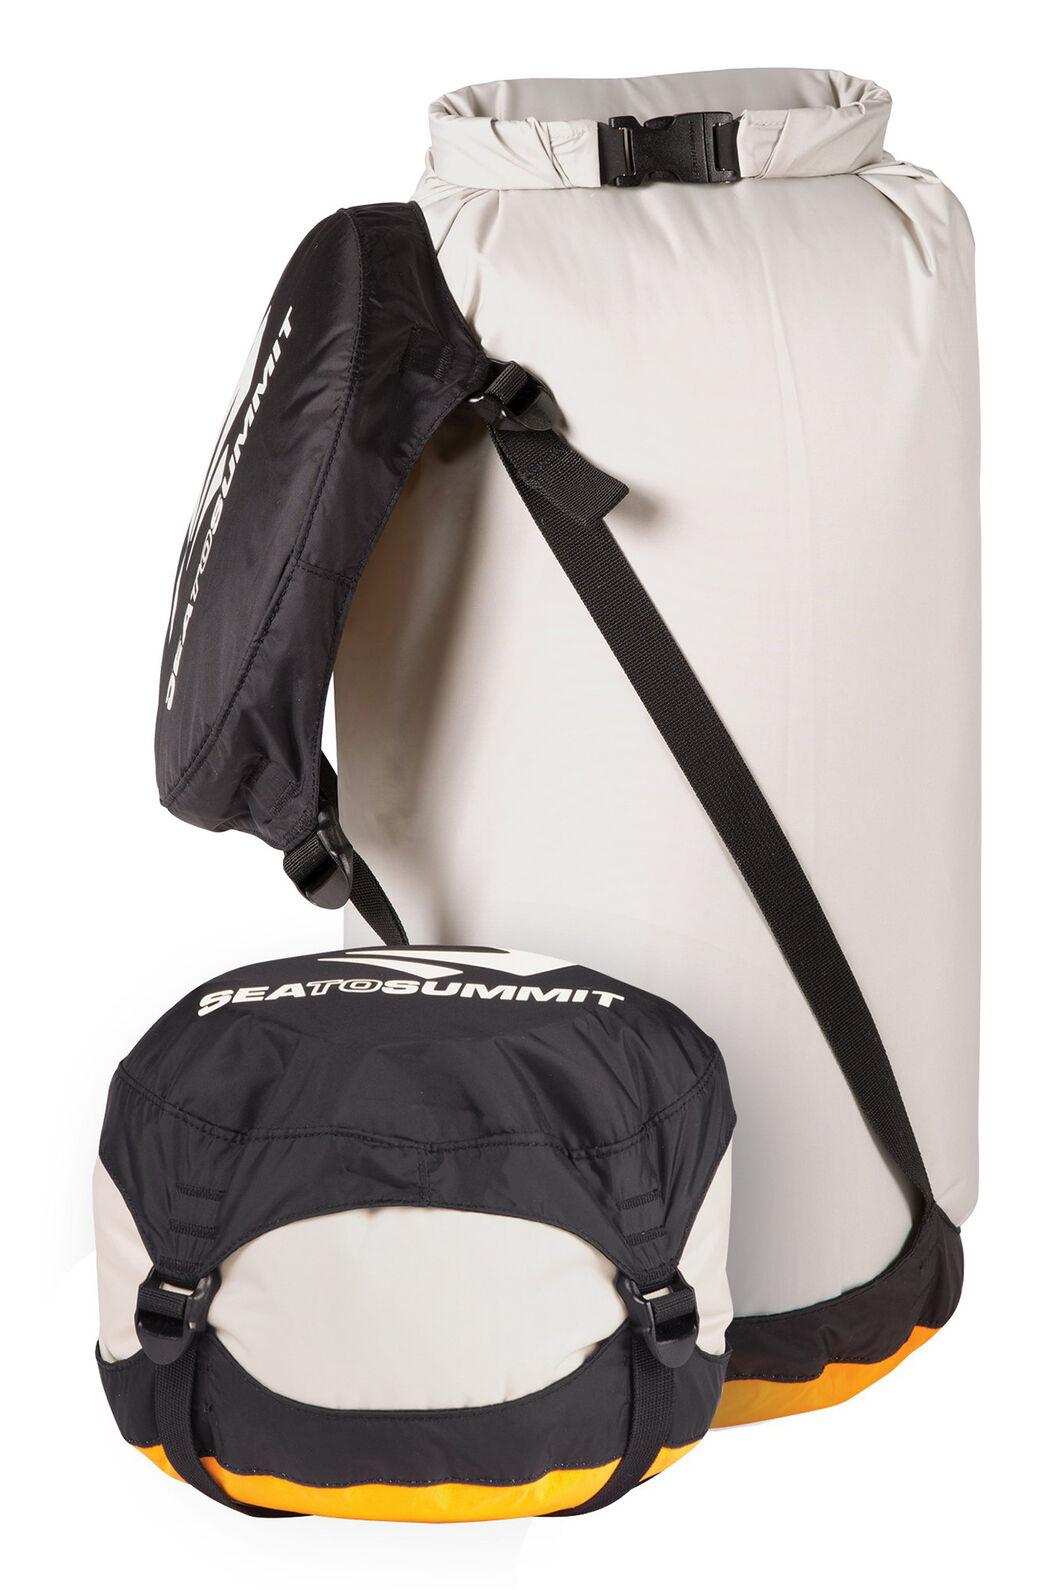 Sea to Summit eVent® Compression Drysack - 10L, None, hi-res